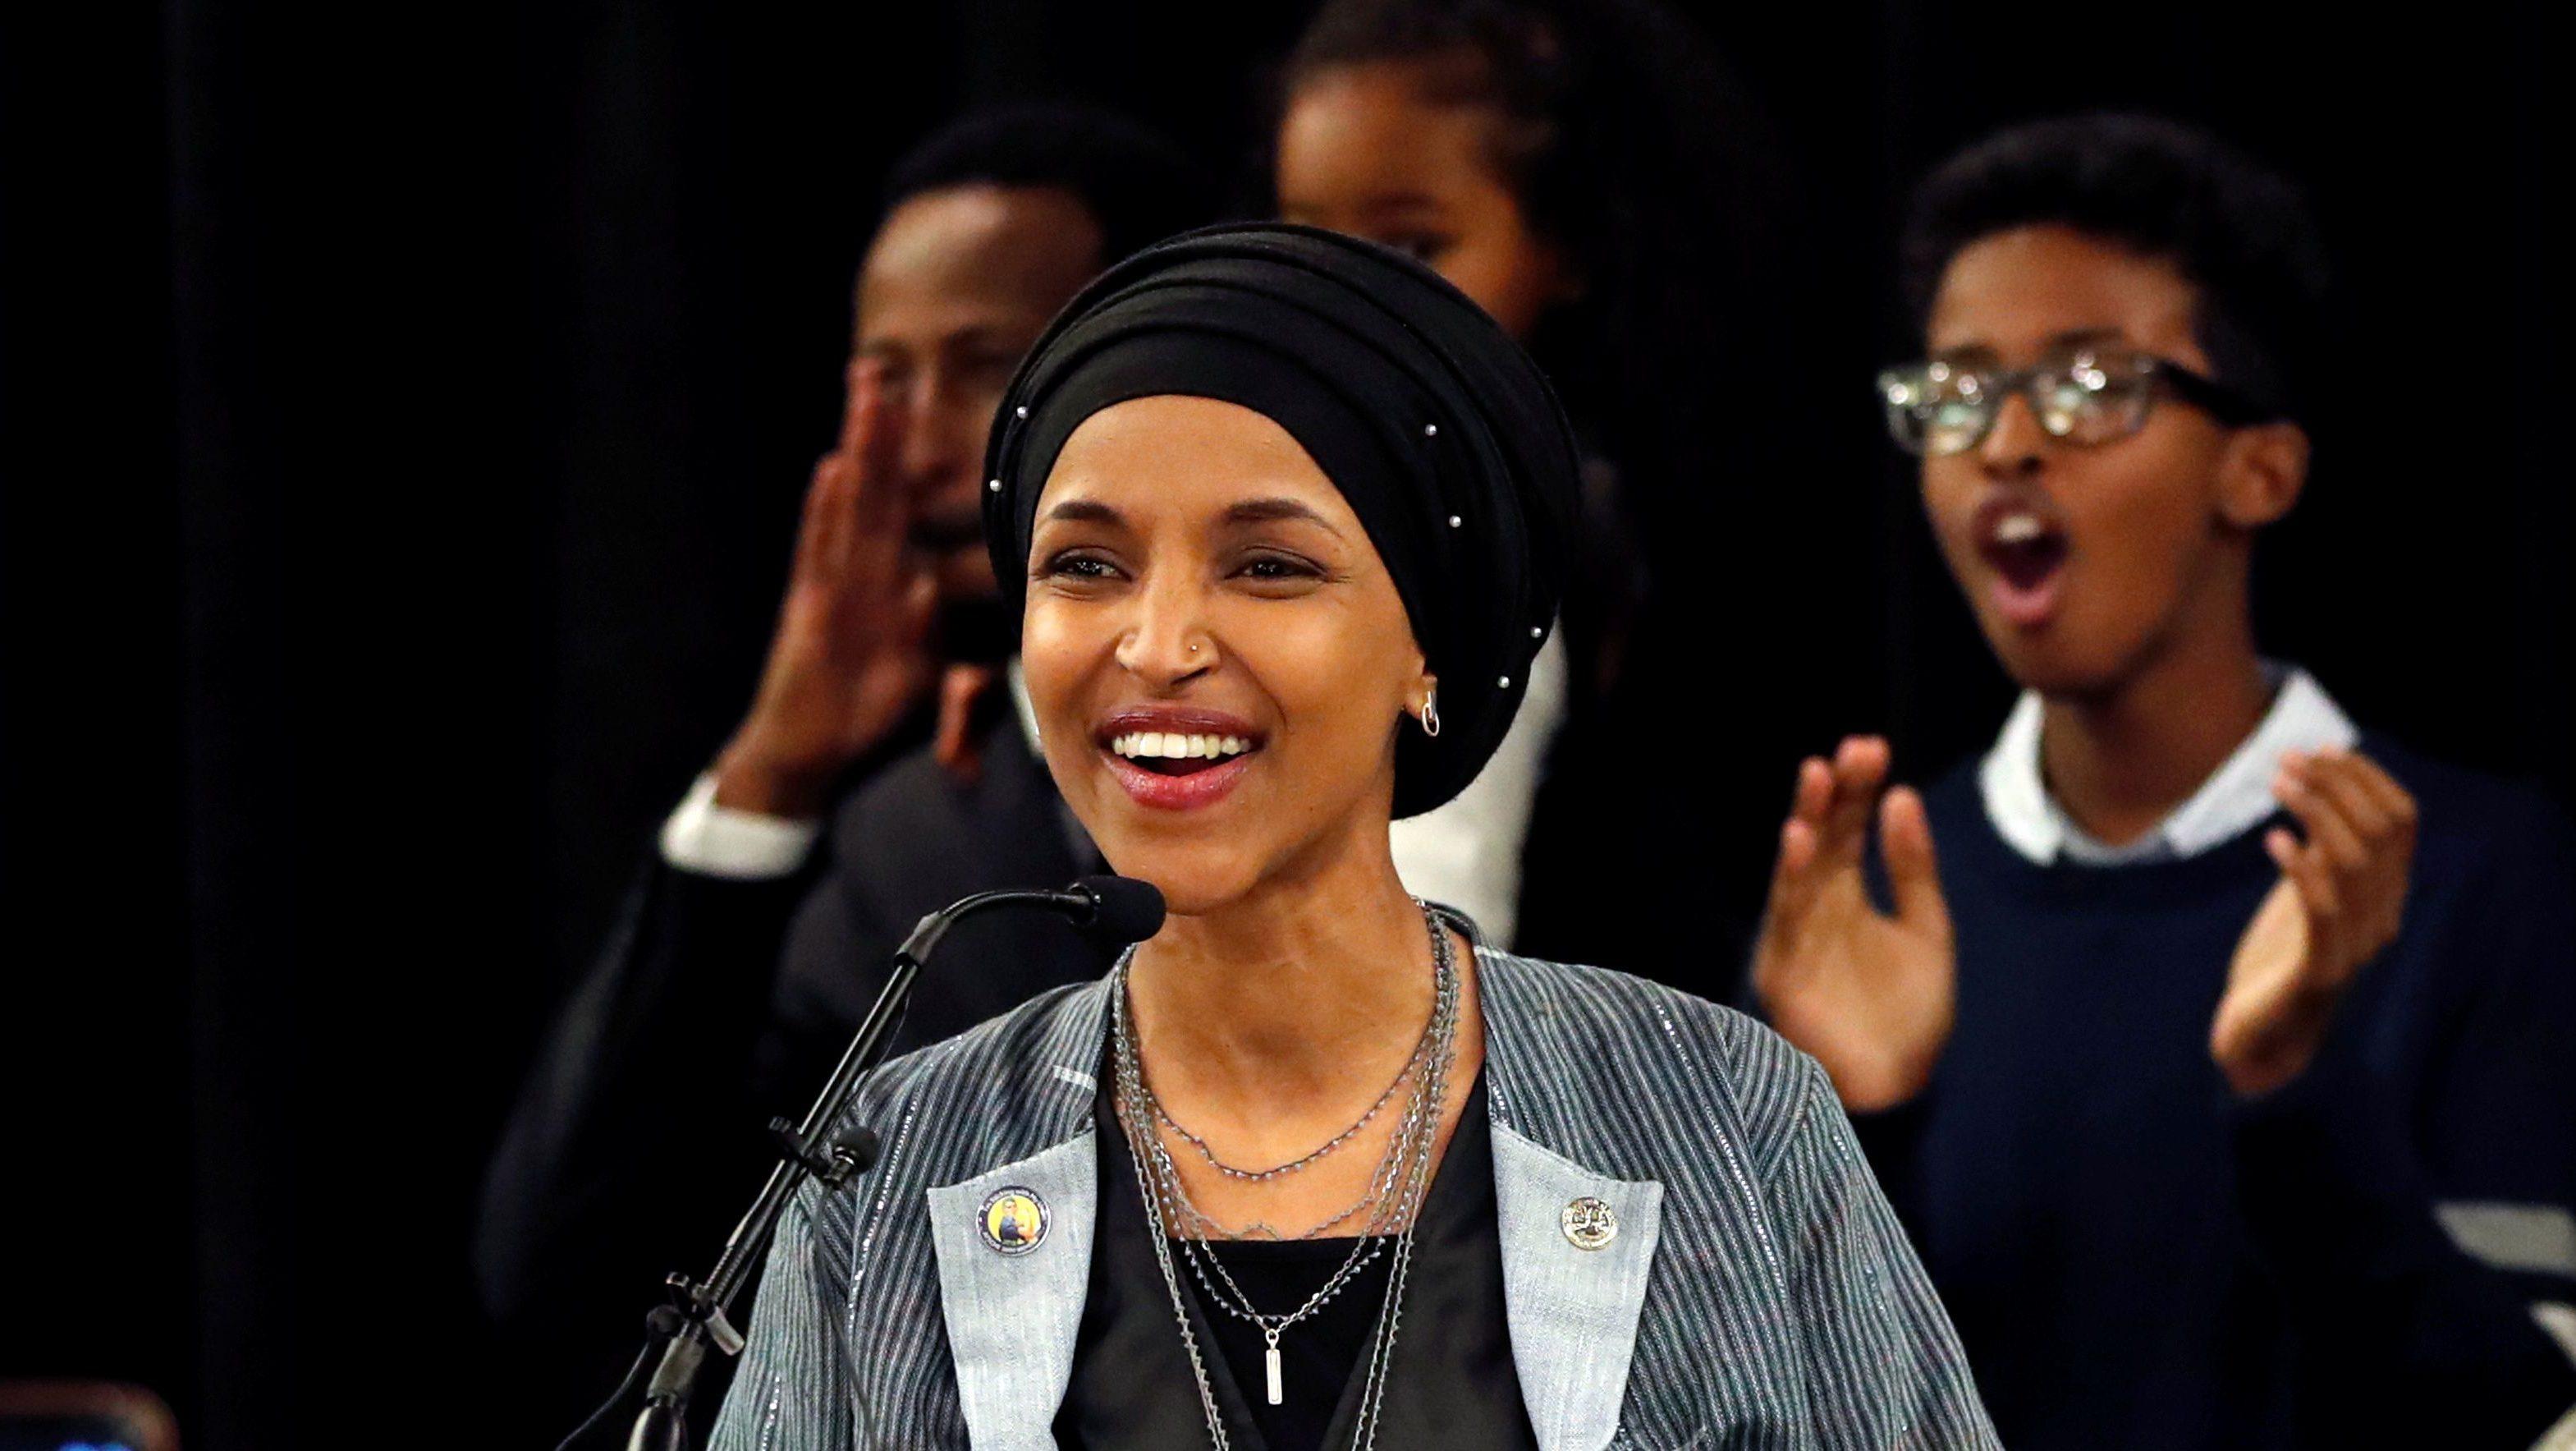 Σομαλία dating Μιννεάπολις παρκούρ ραντεβού